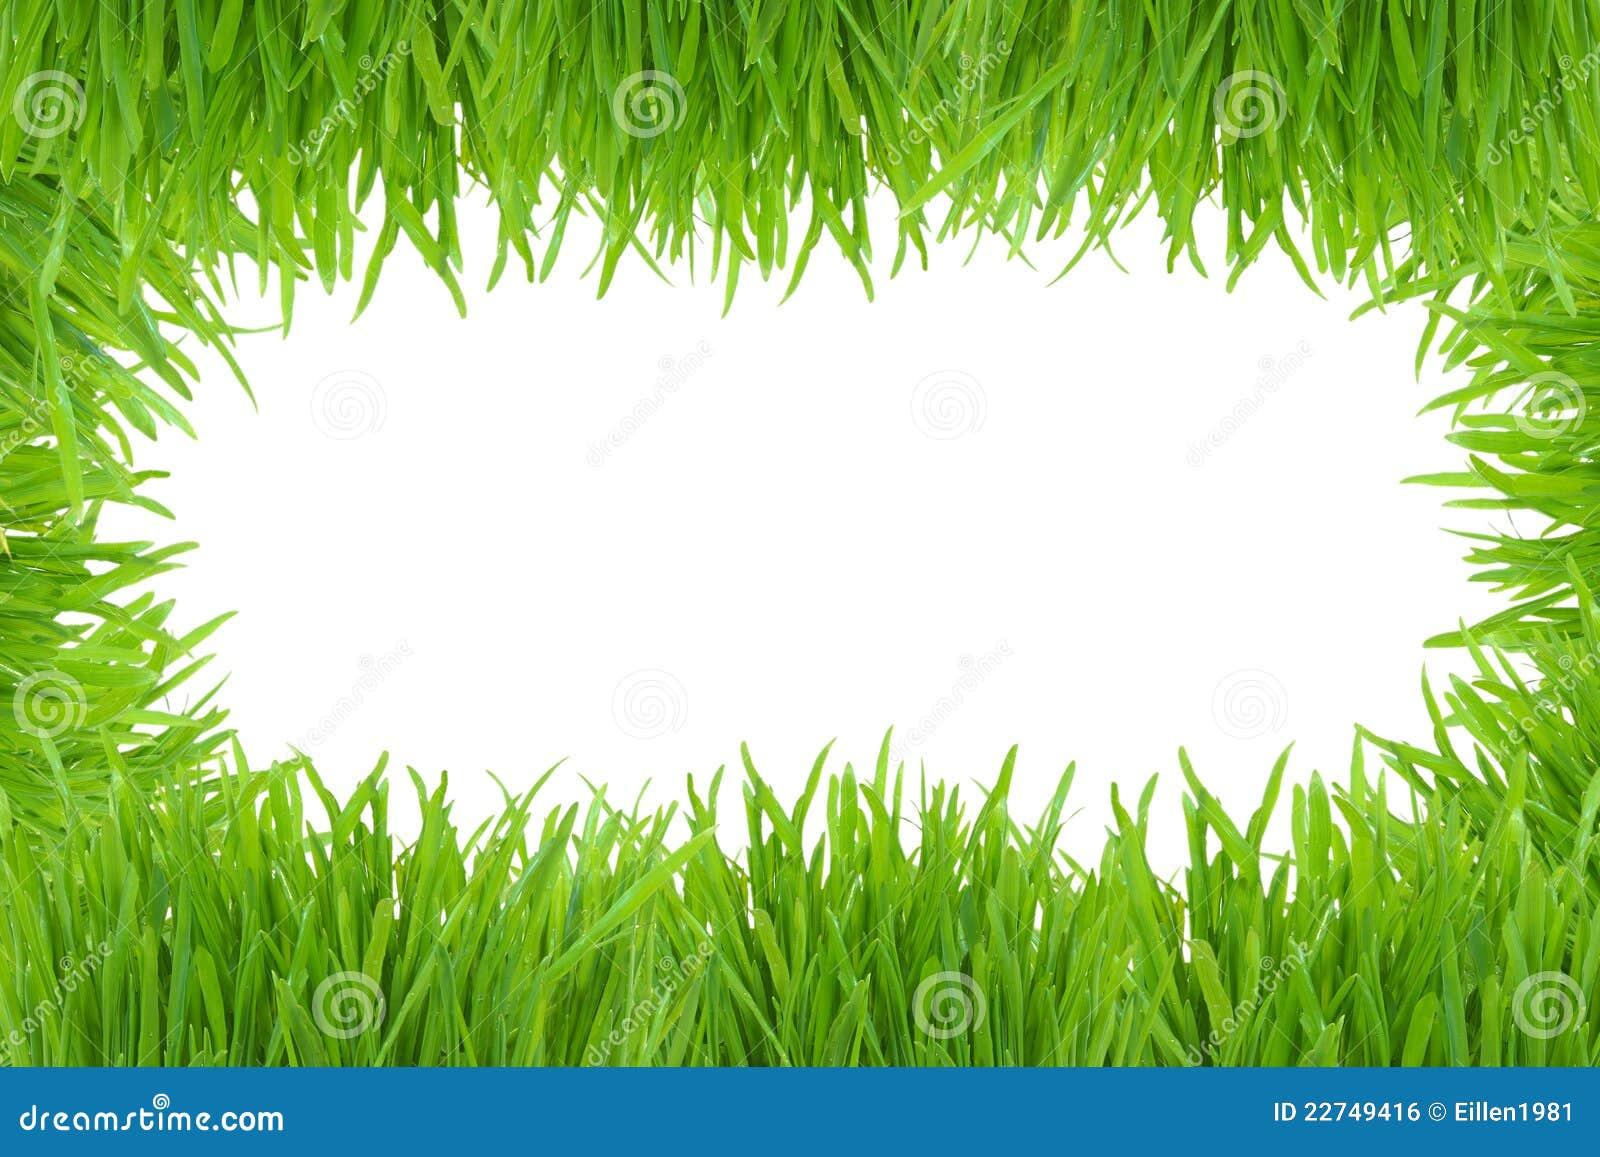 Fotofeld des grünen Grases getrennt auf Weiß